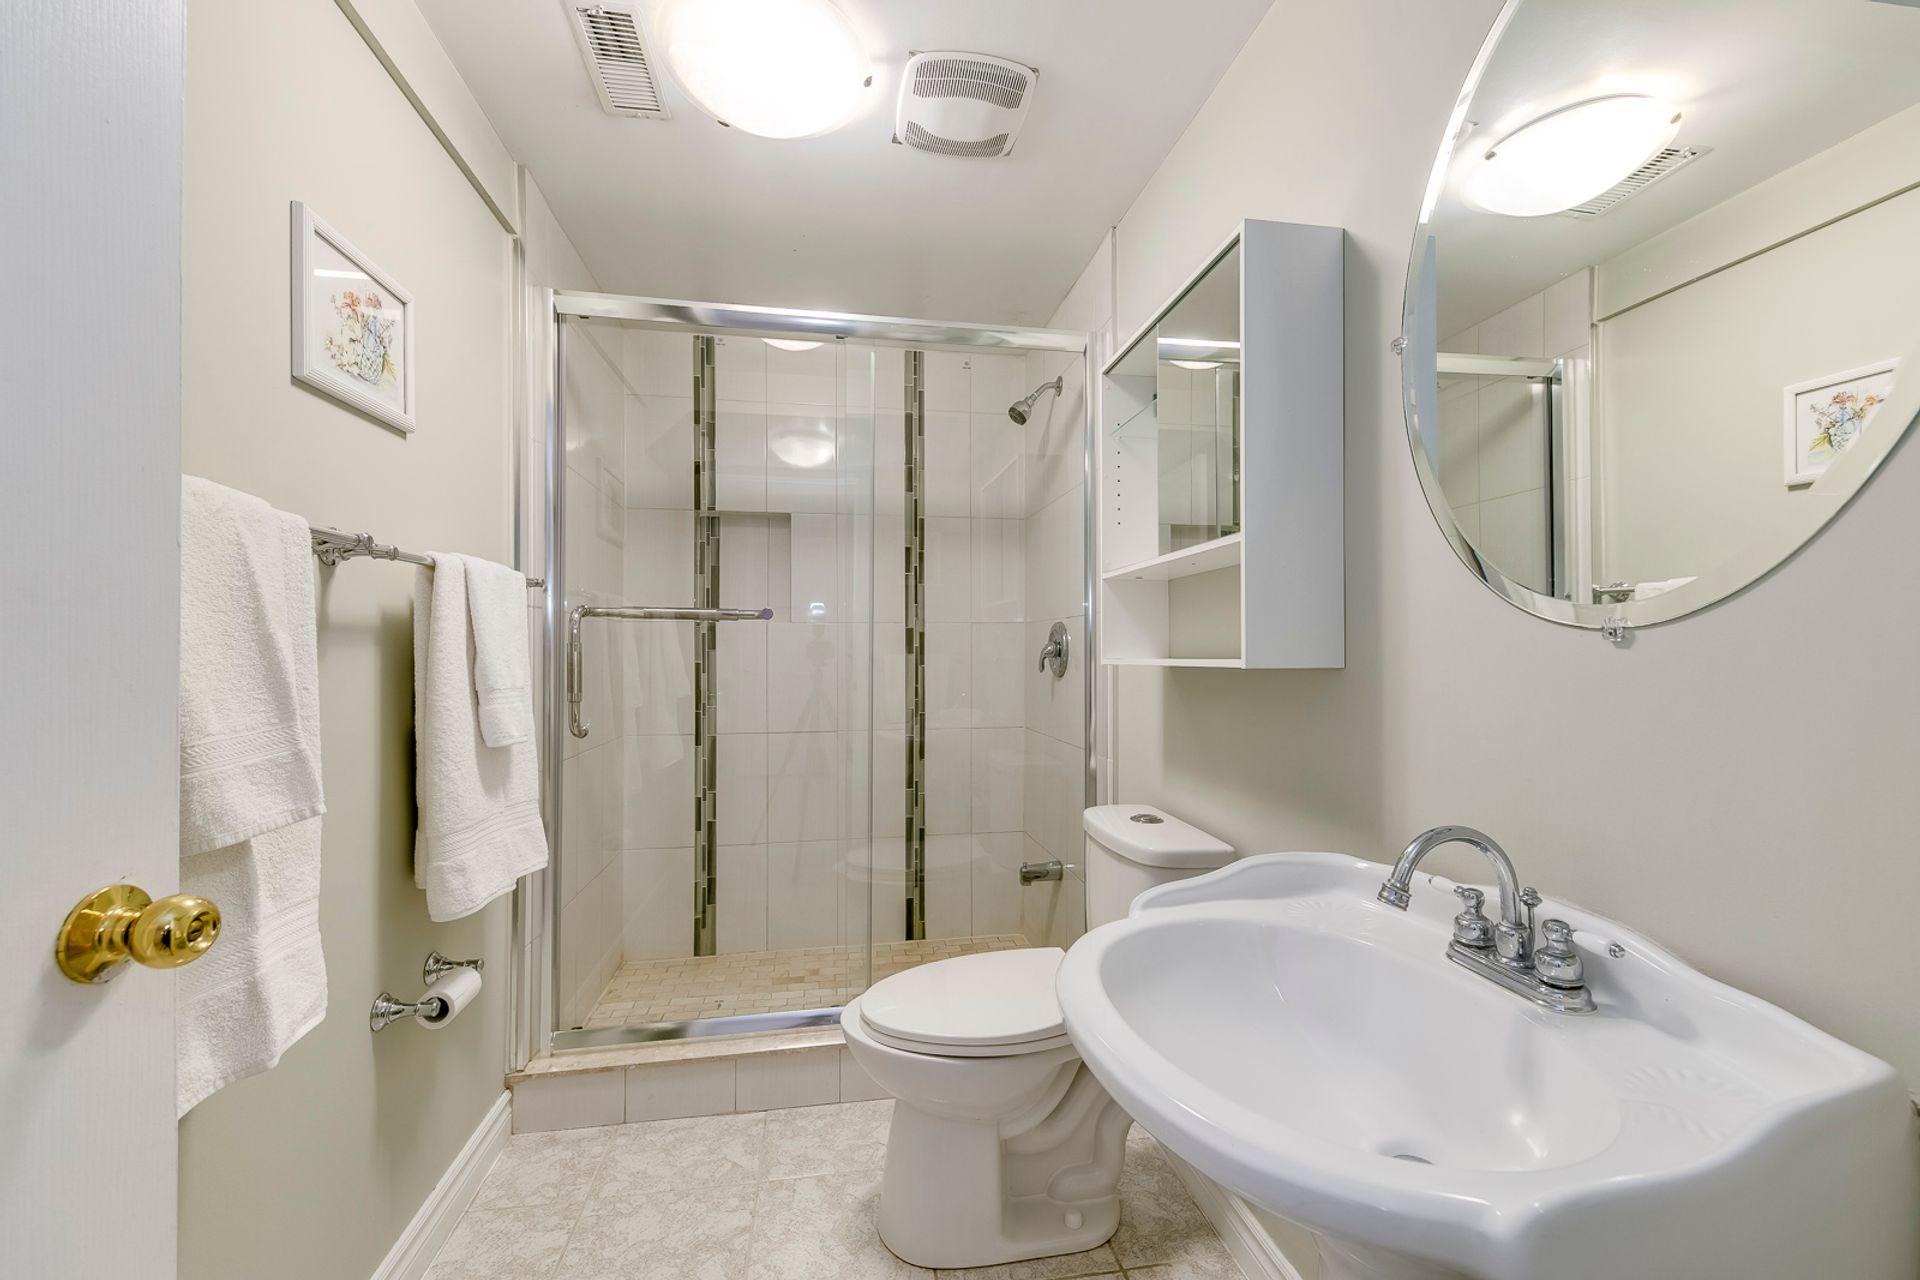 Basement Bathroom - 5156 Heatherleigh Ave, Mississauga - Elite3 & Team at 5156 Heatherleigh Avenue, East Credit, Mississauga